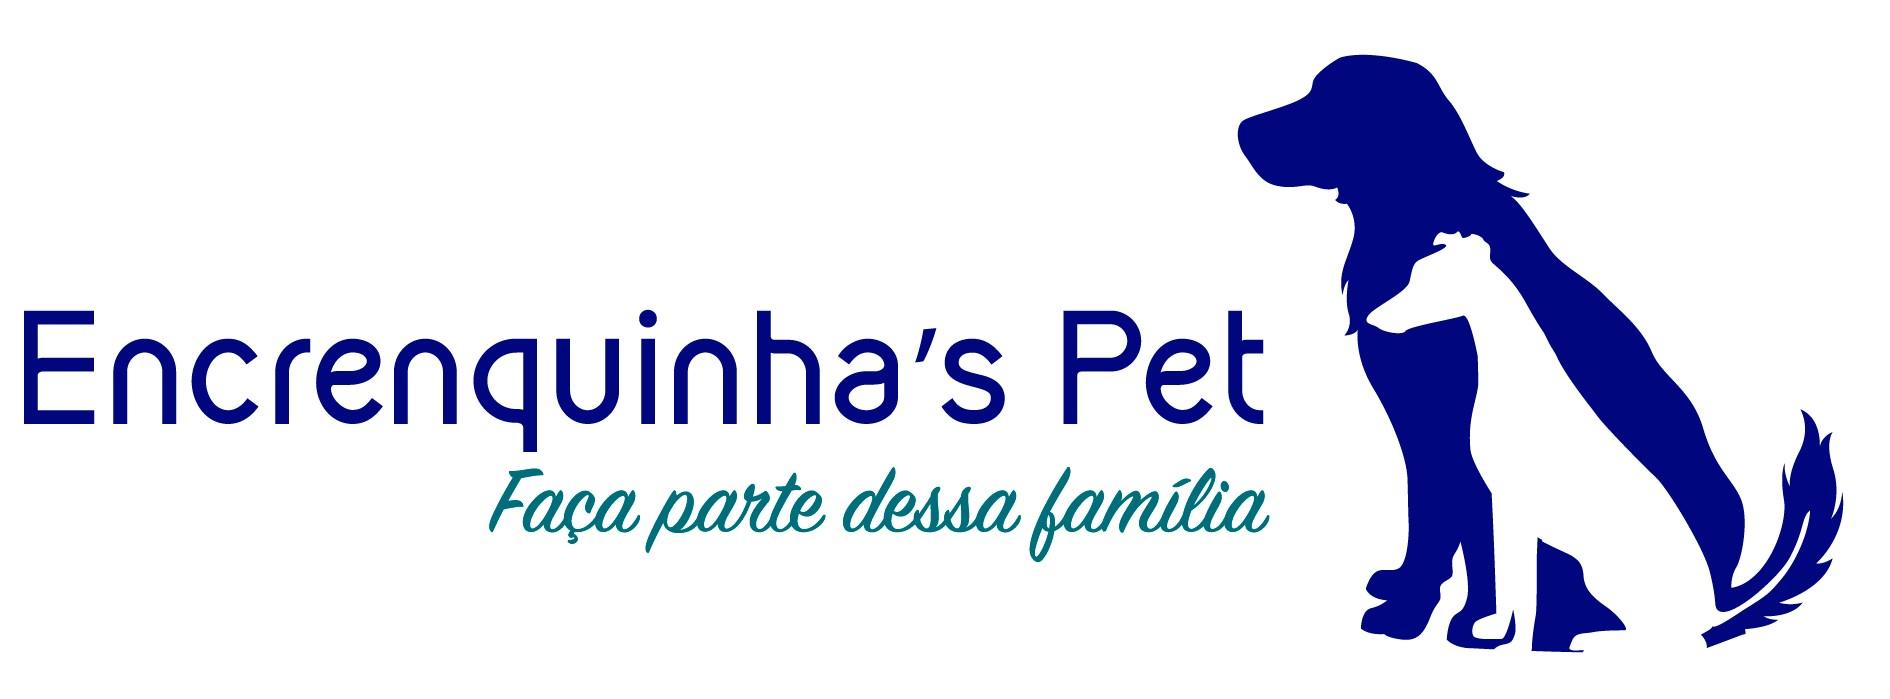 Encrenquinha's Pet